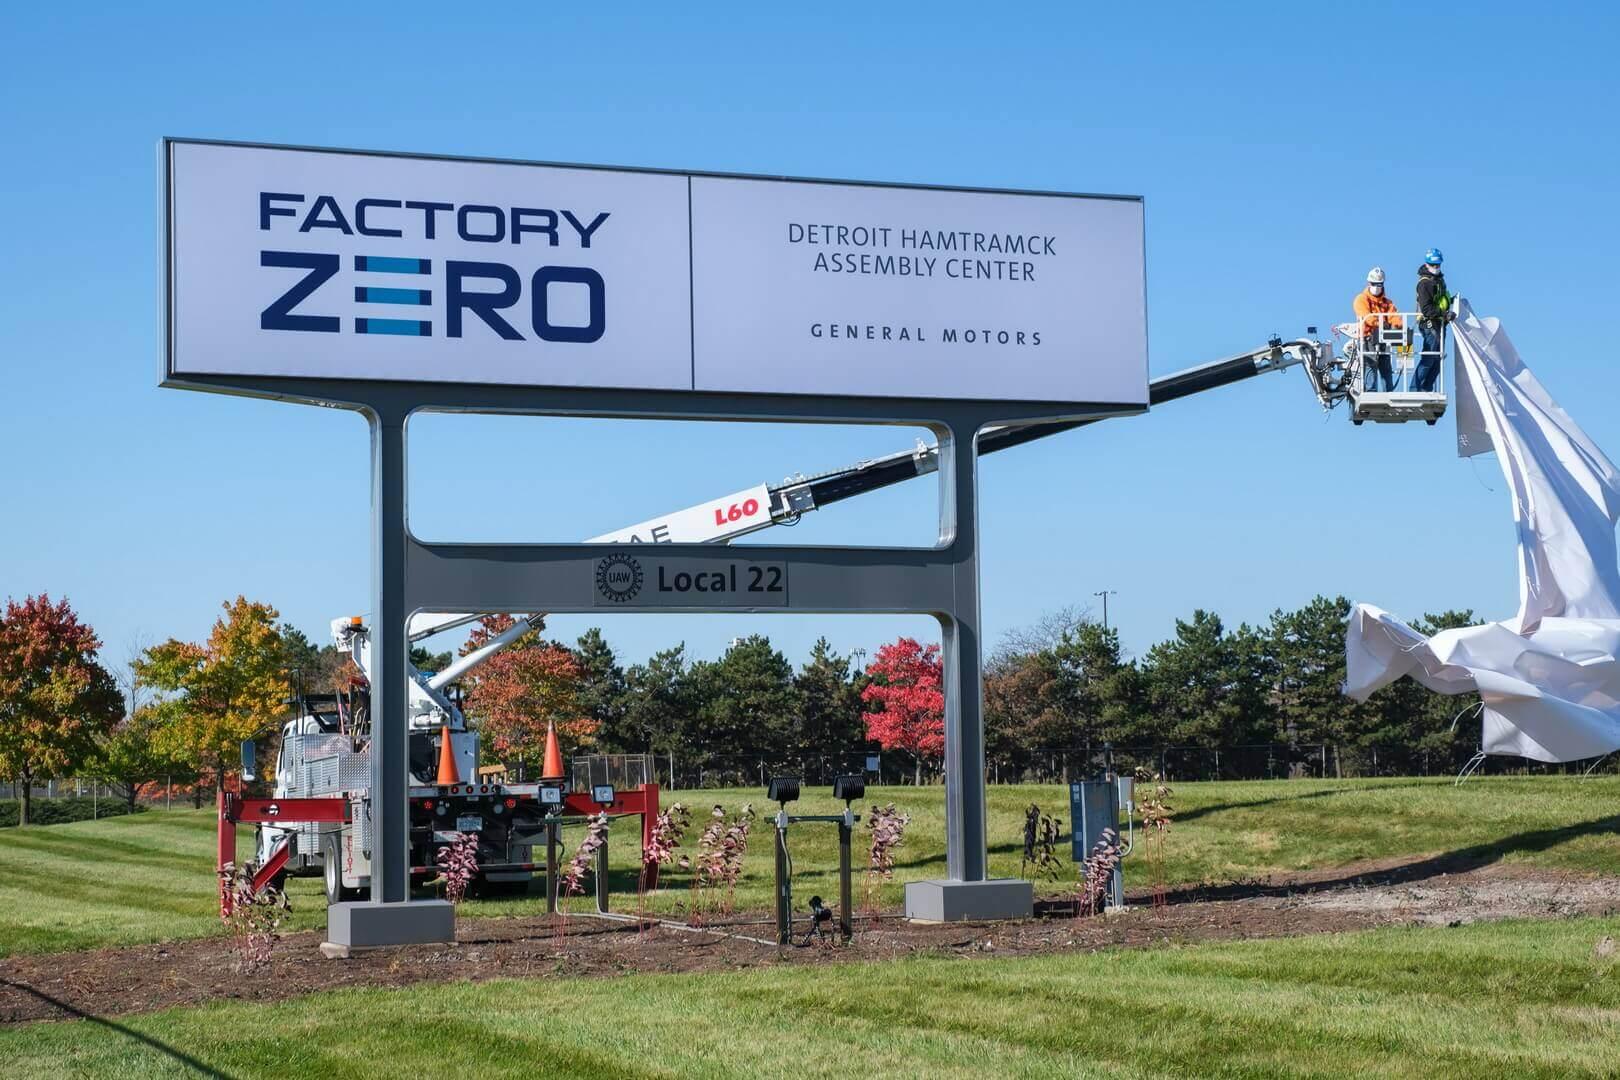 Сборочный центр GM Factory ZERO в Детройте-Хамтрамке будет будет производить только электромобили